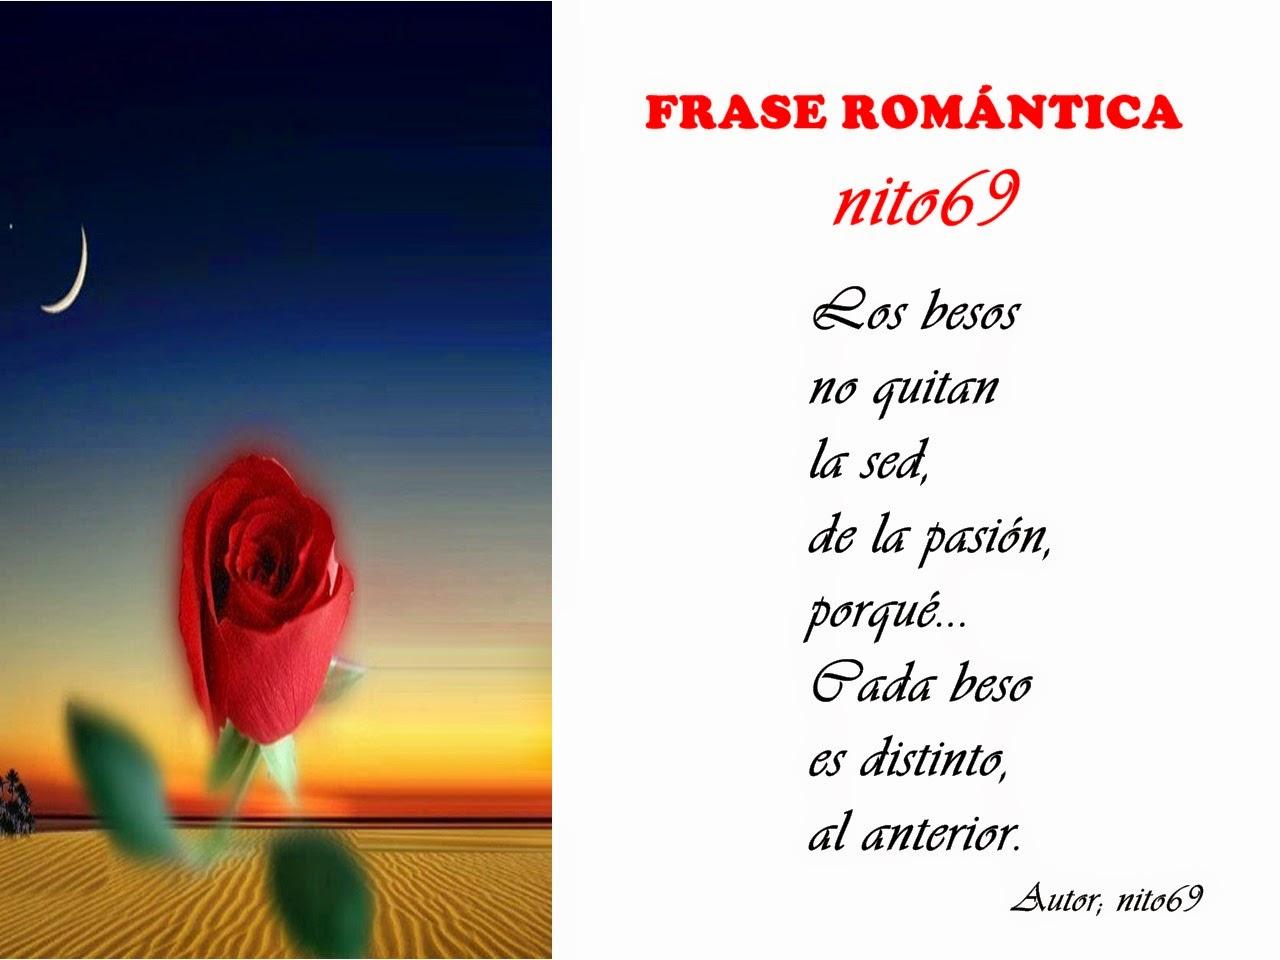 FRASE ROMÁNTICA DE nito69